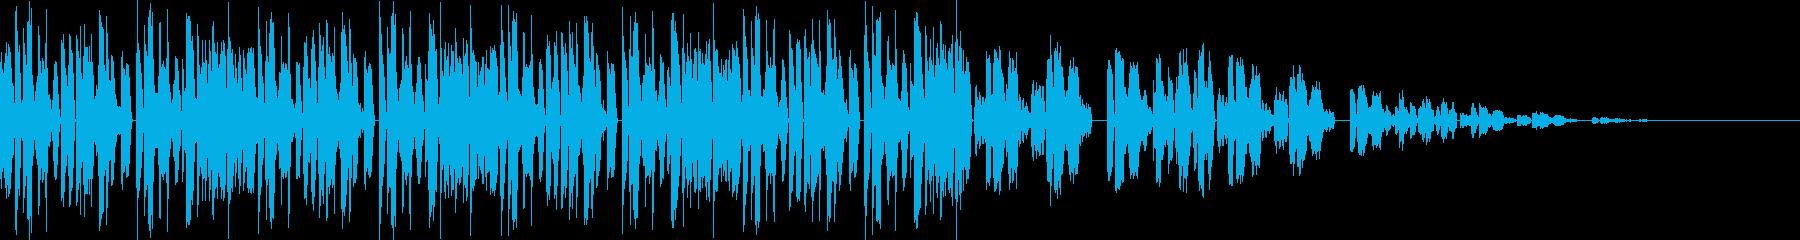 エレクトロのBGMの再生済みの波形